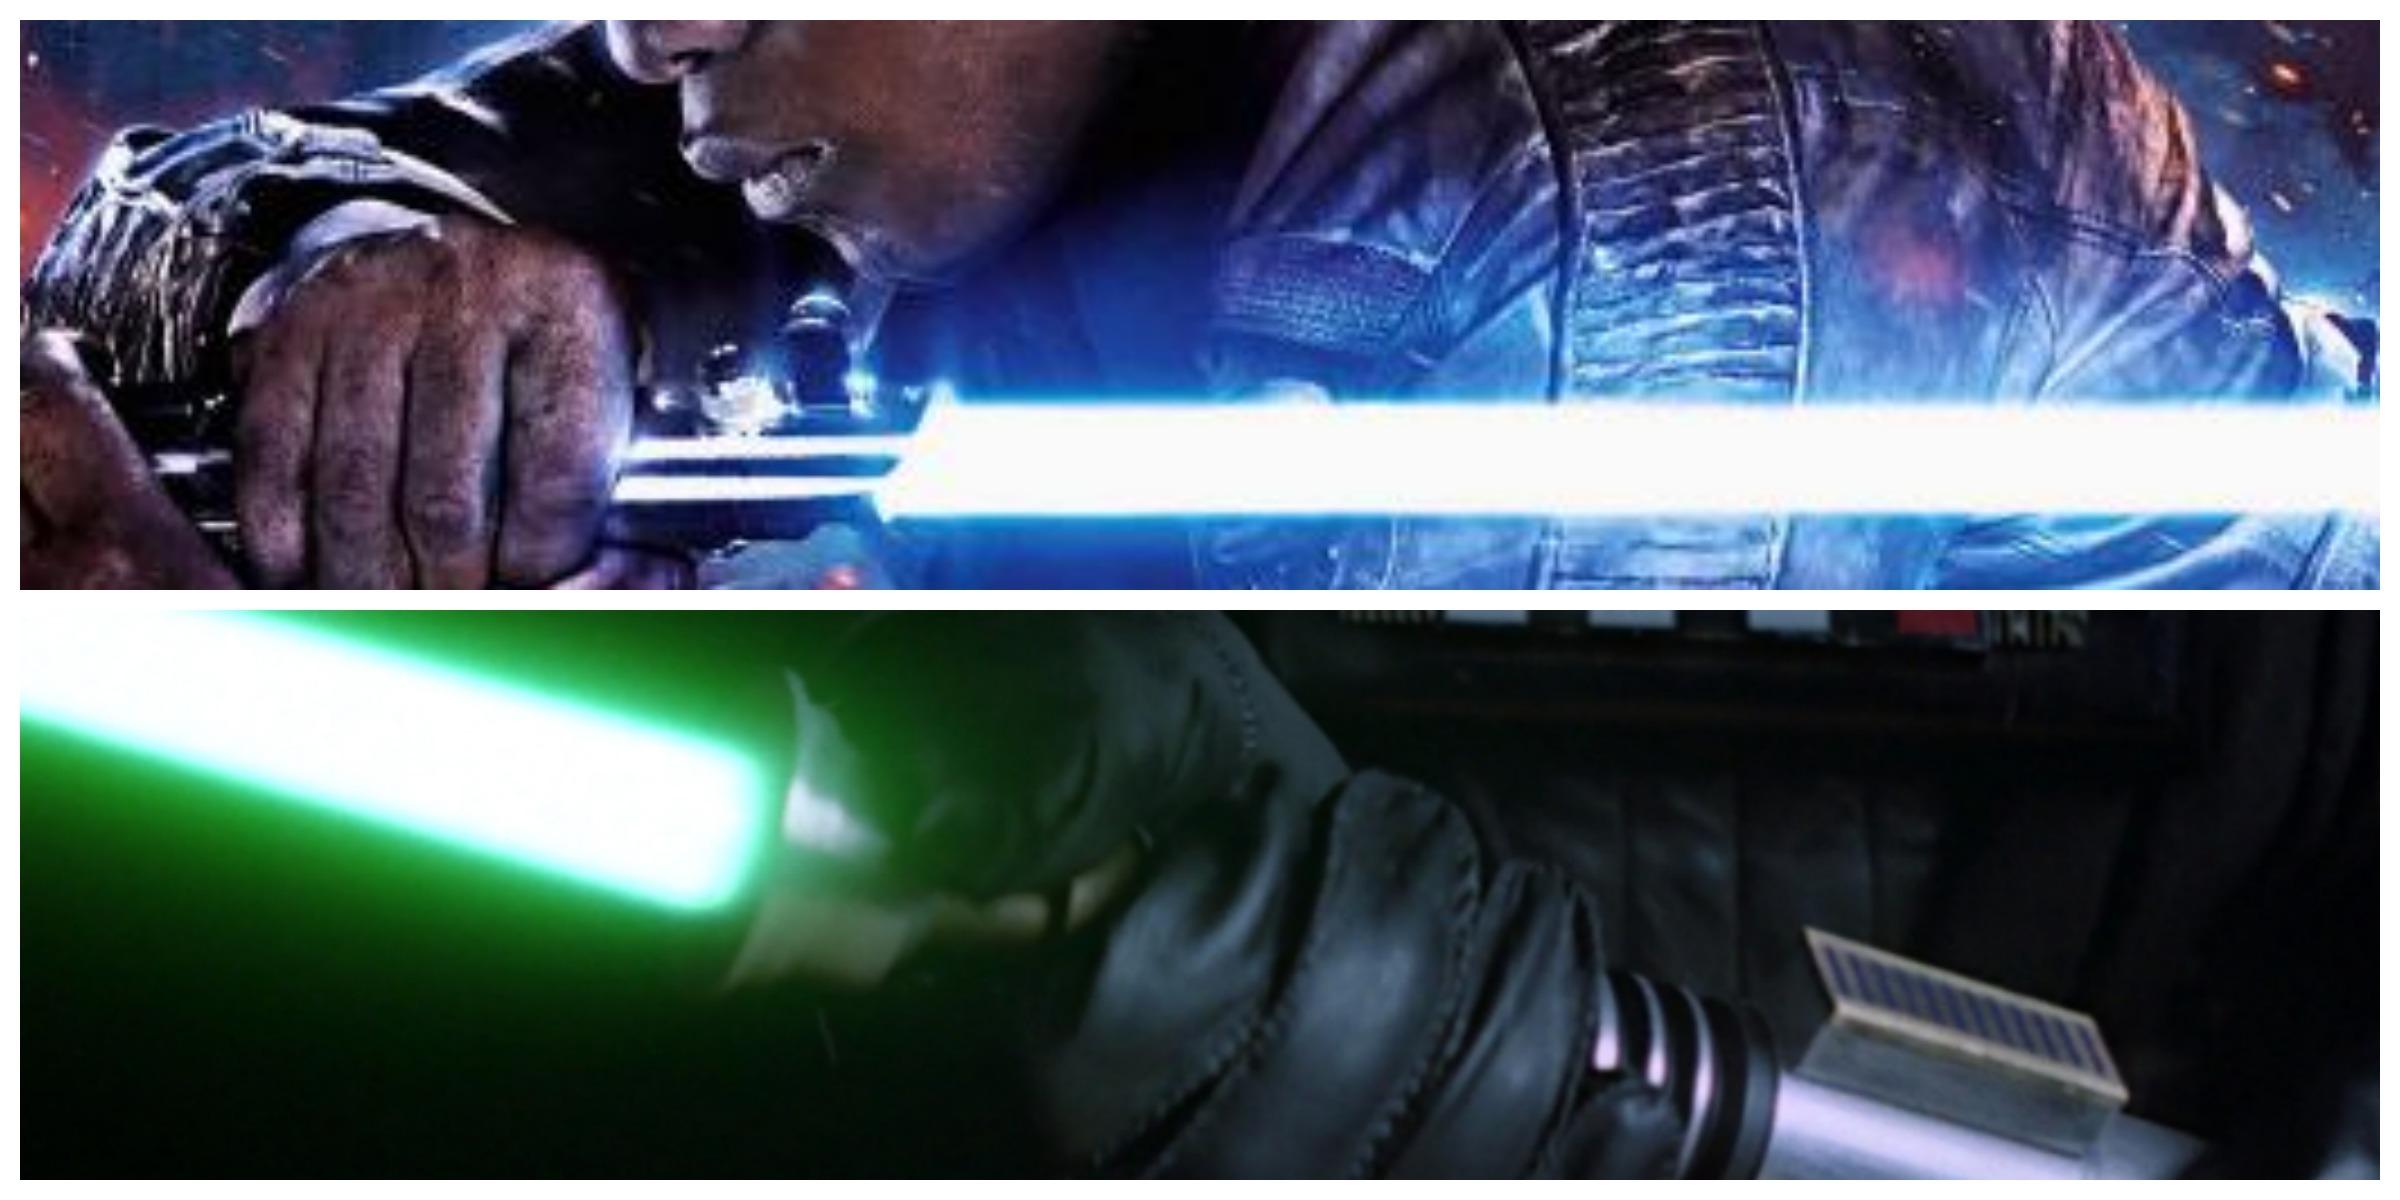 TOP: Finn holding Anakin/Luke's lightsaber. BOTTOM: Vader holding Luke's second lightsaber.